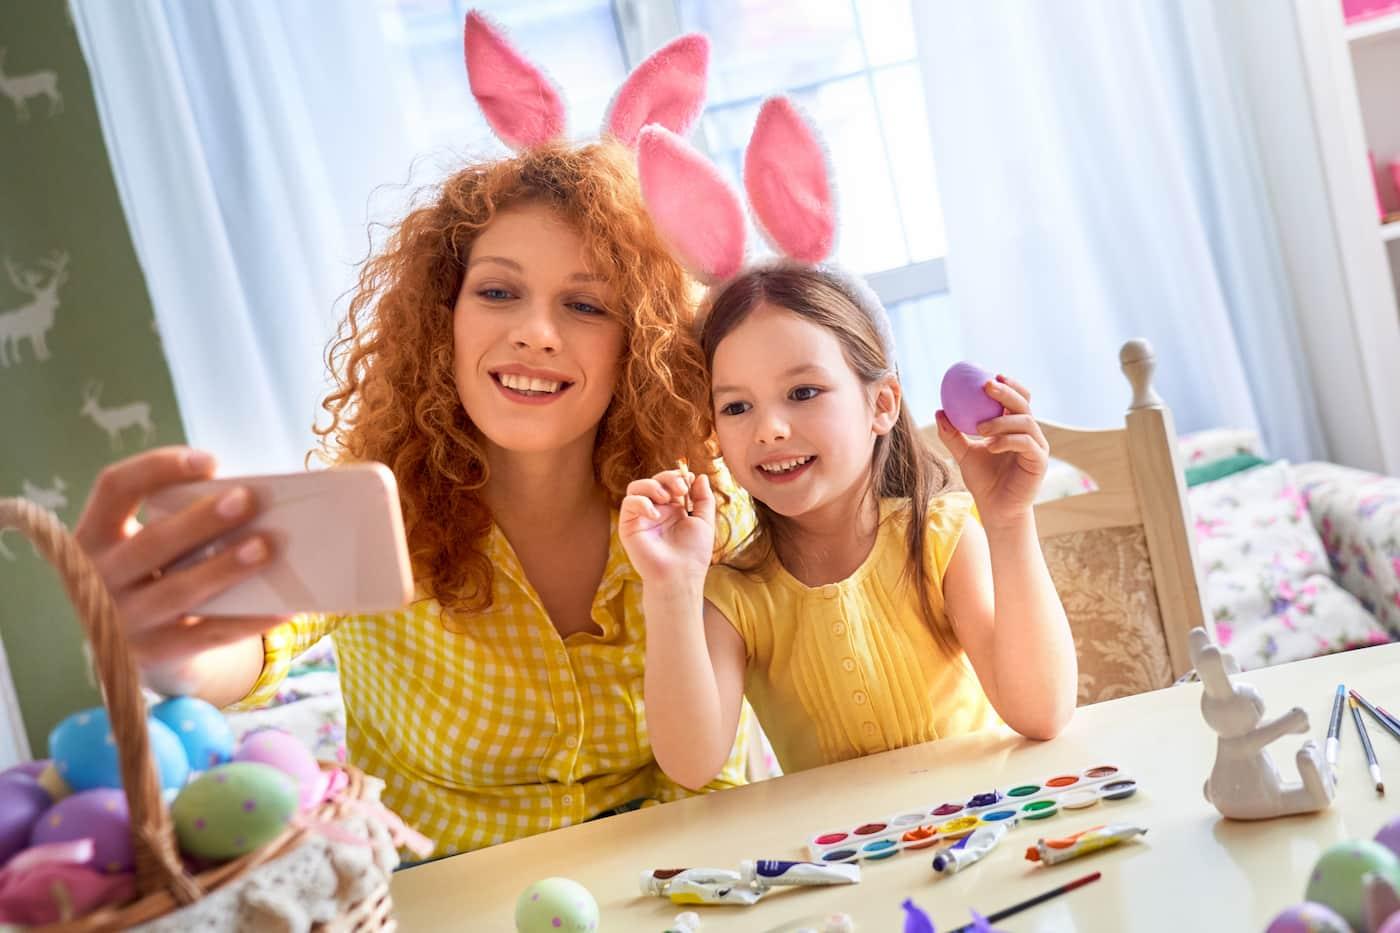 5 πασχαλινές κατασκευές που θα ενθουσιάσουν την οικογένειά σου!